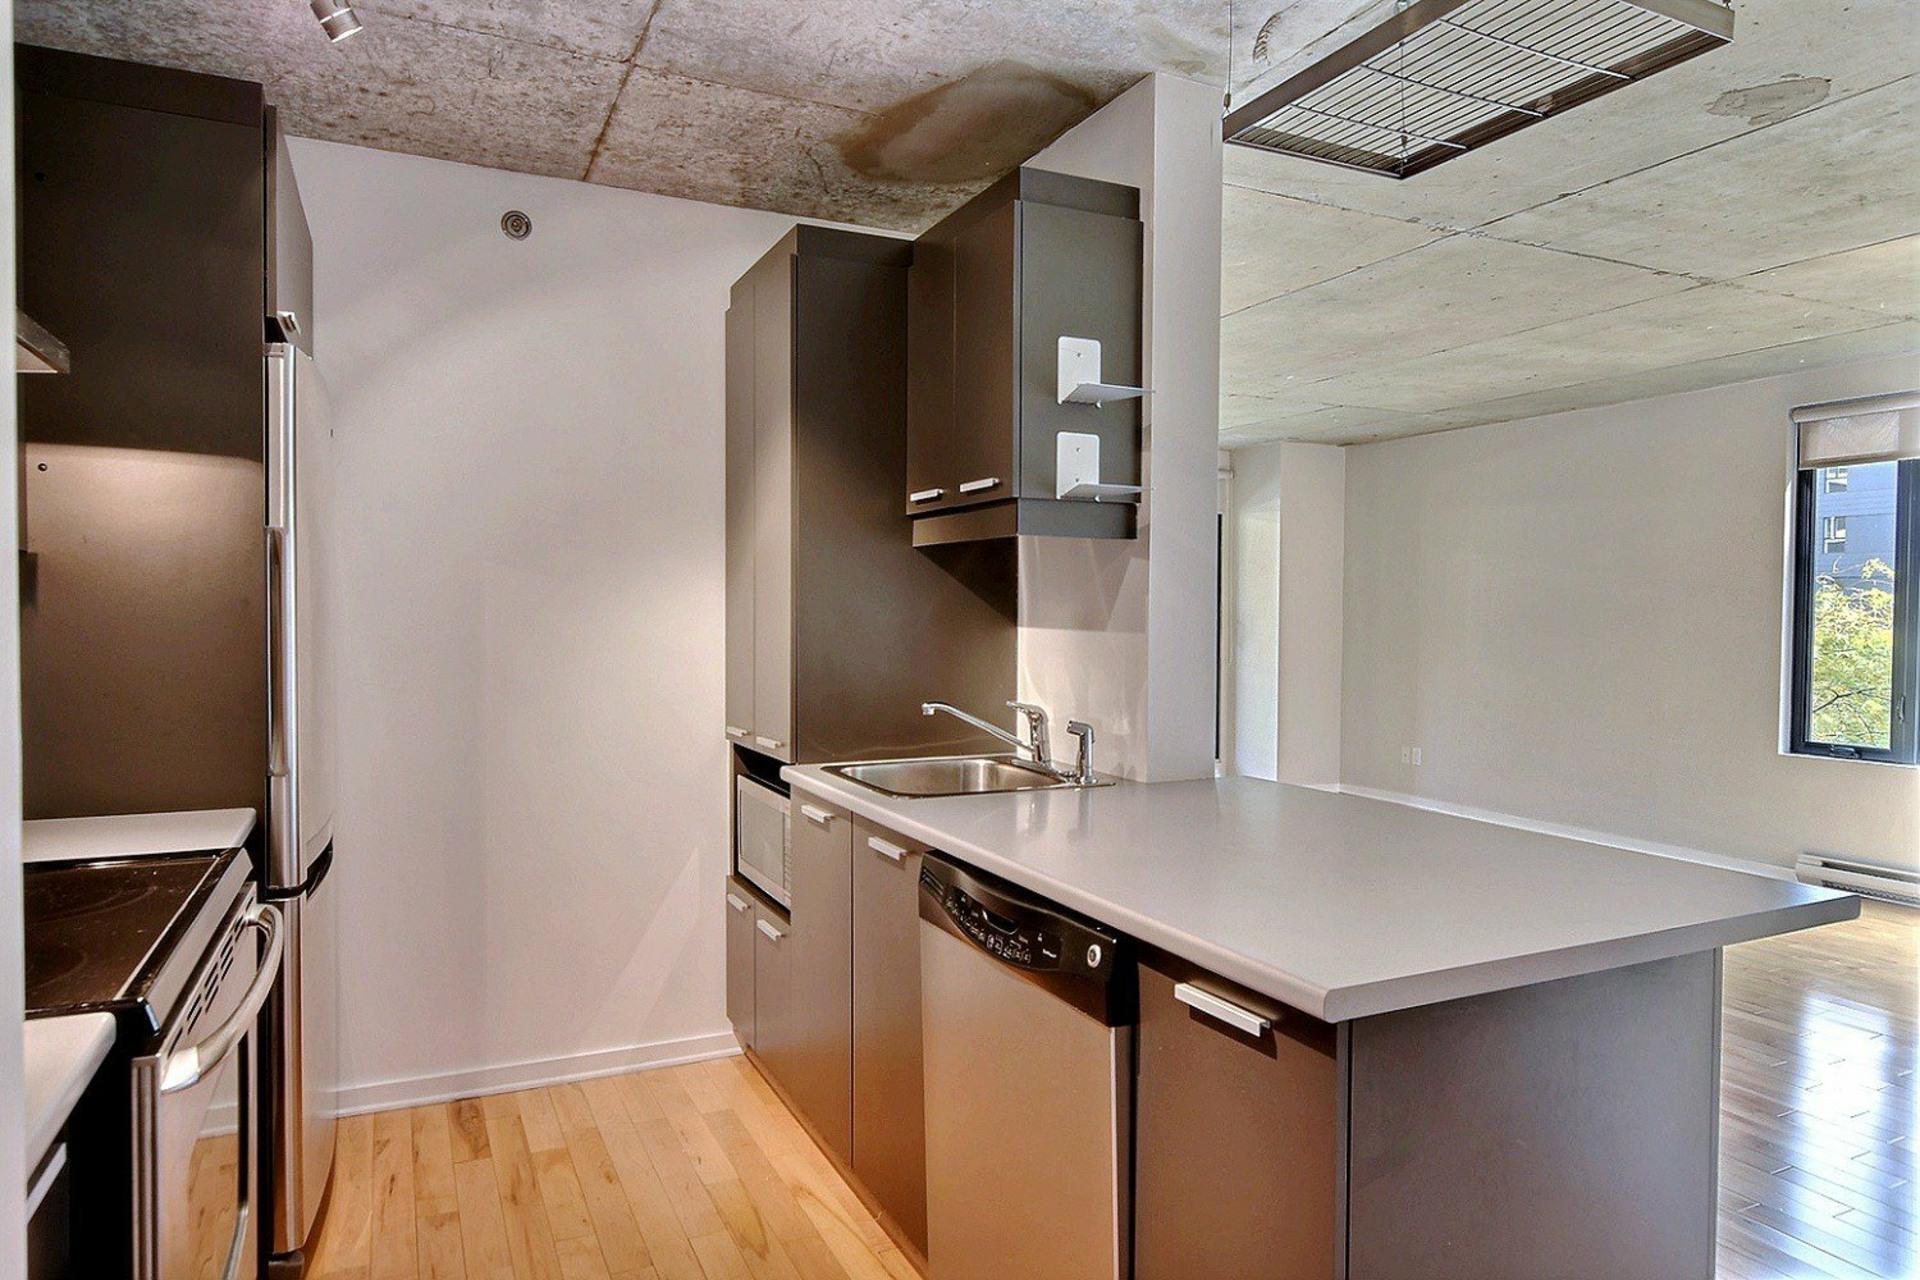 image 6 - Appartement À louer Ville-Marie Montréal  - 6 pièces